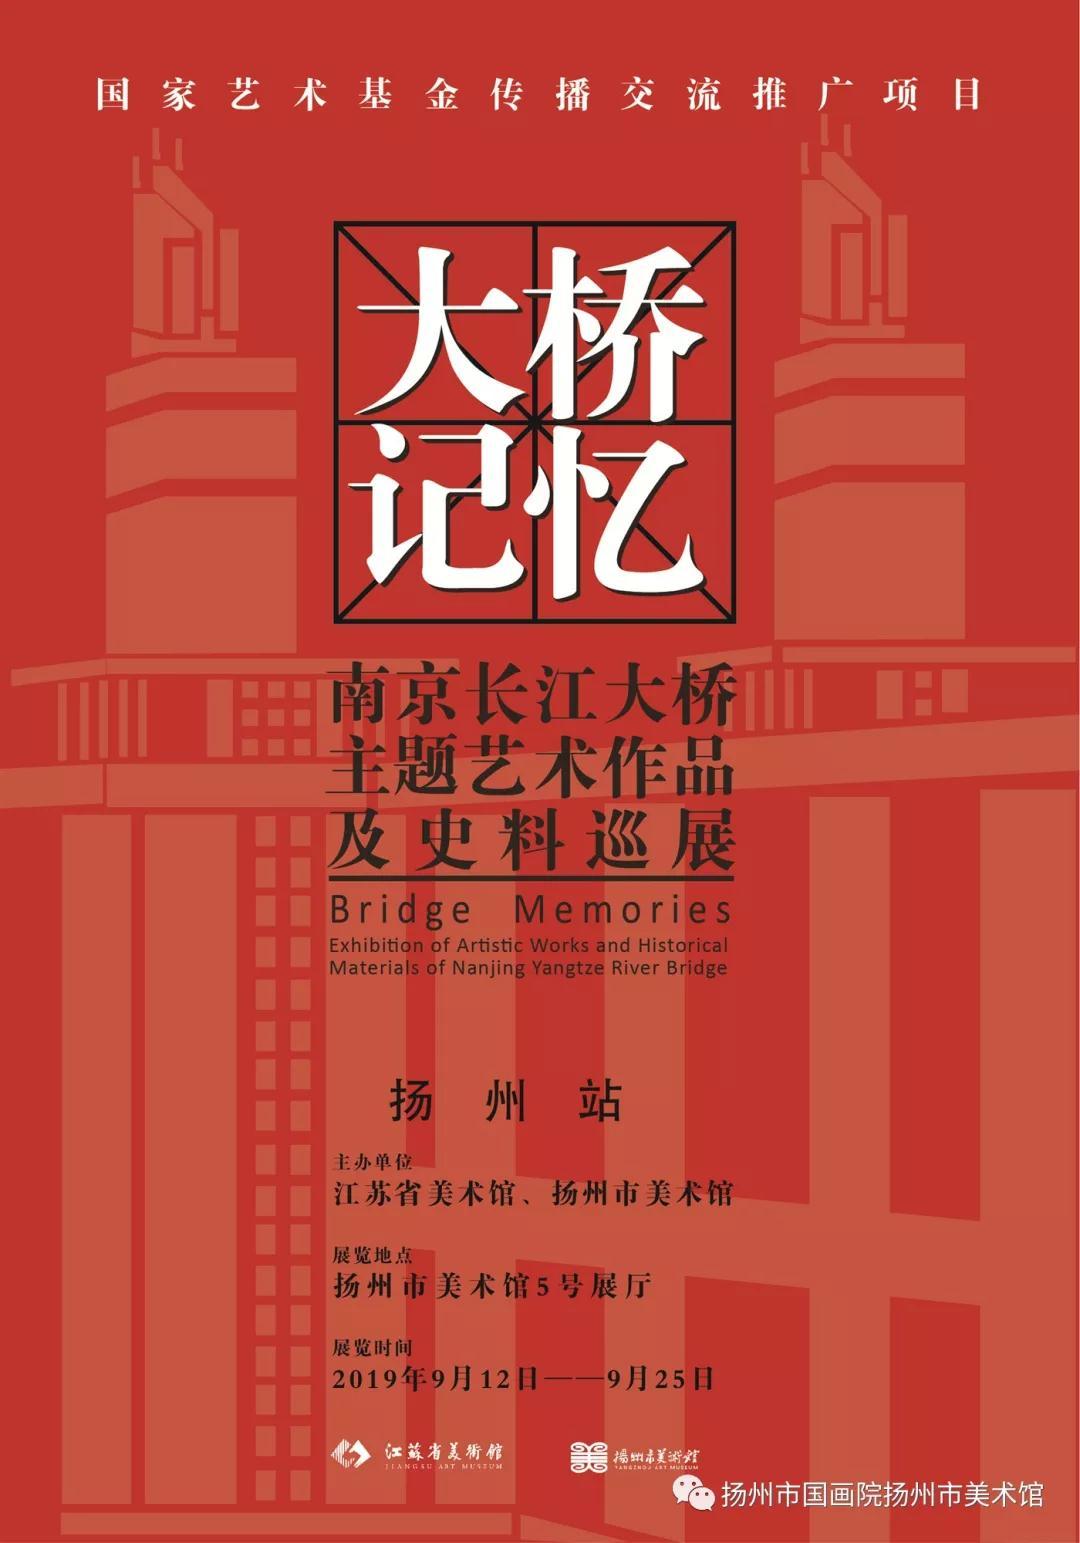 展讯:大桥记忆—南京长江大桥主题艺术作品及史料巡展(扬州站)